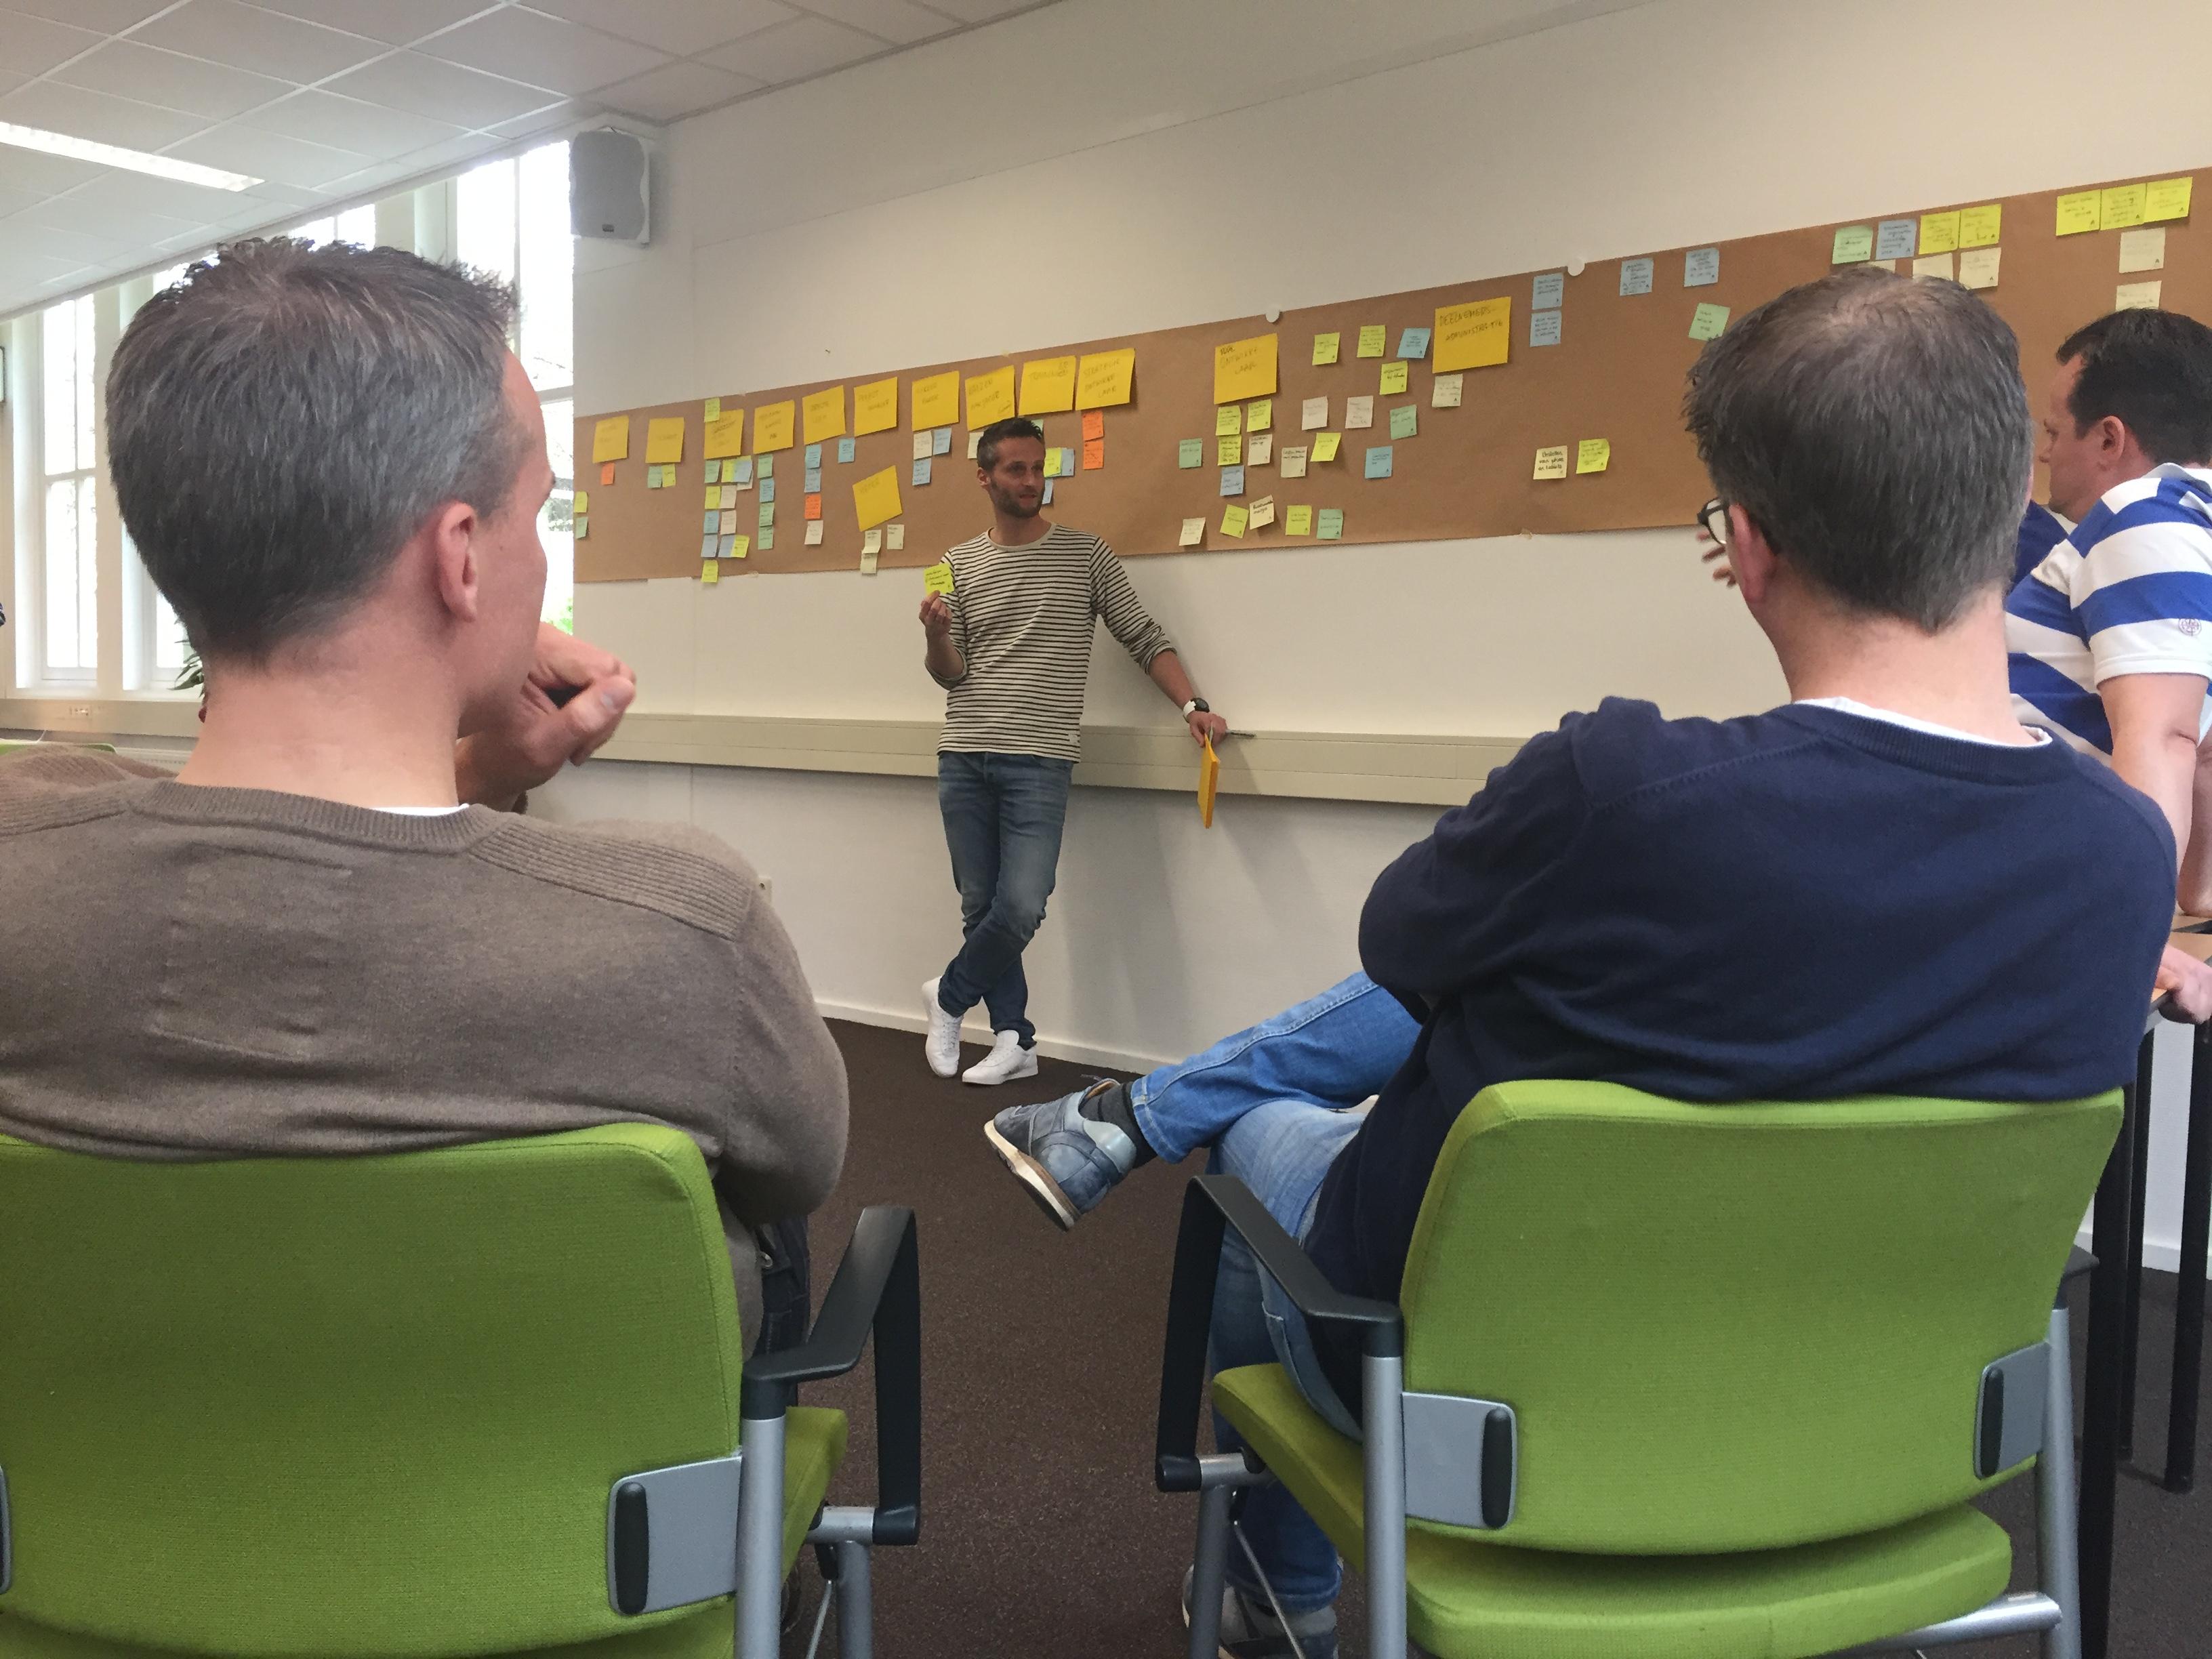 hans van veen energized.org coach